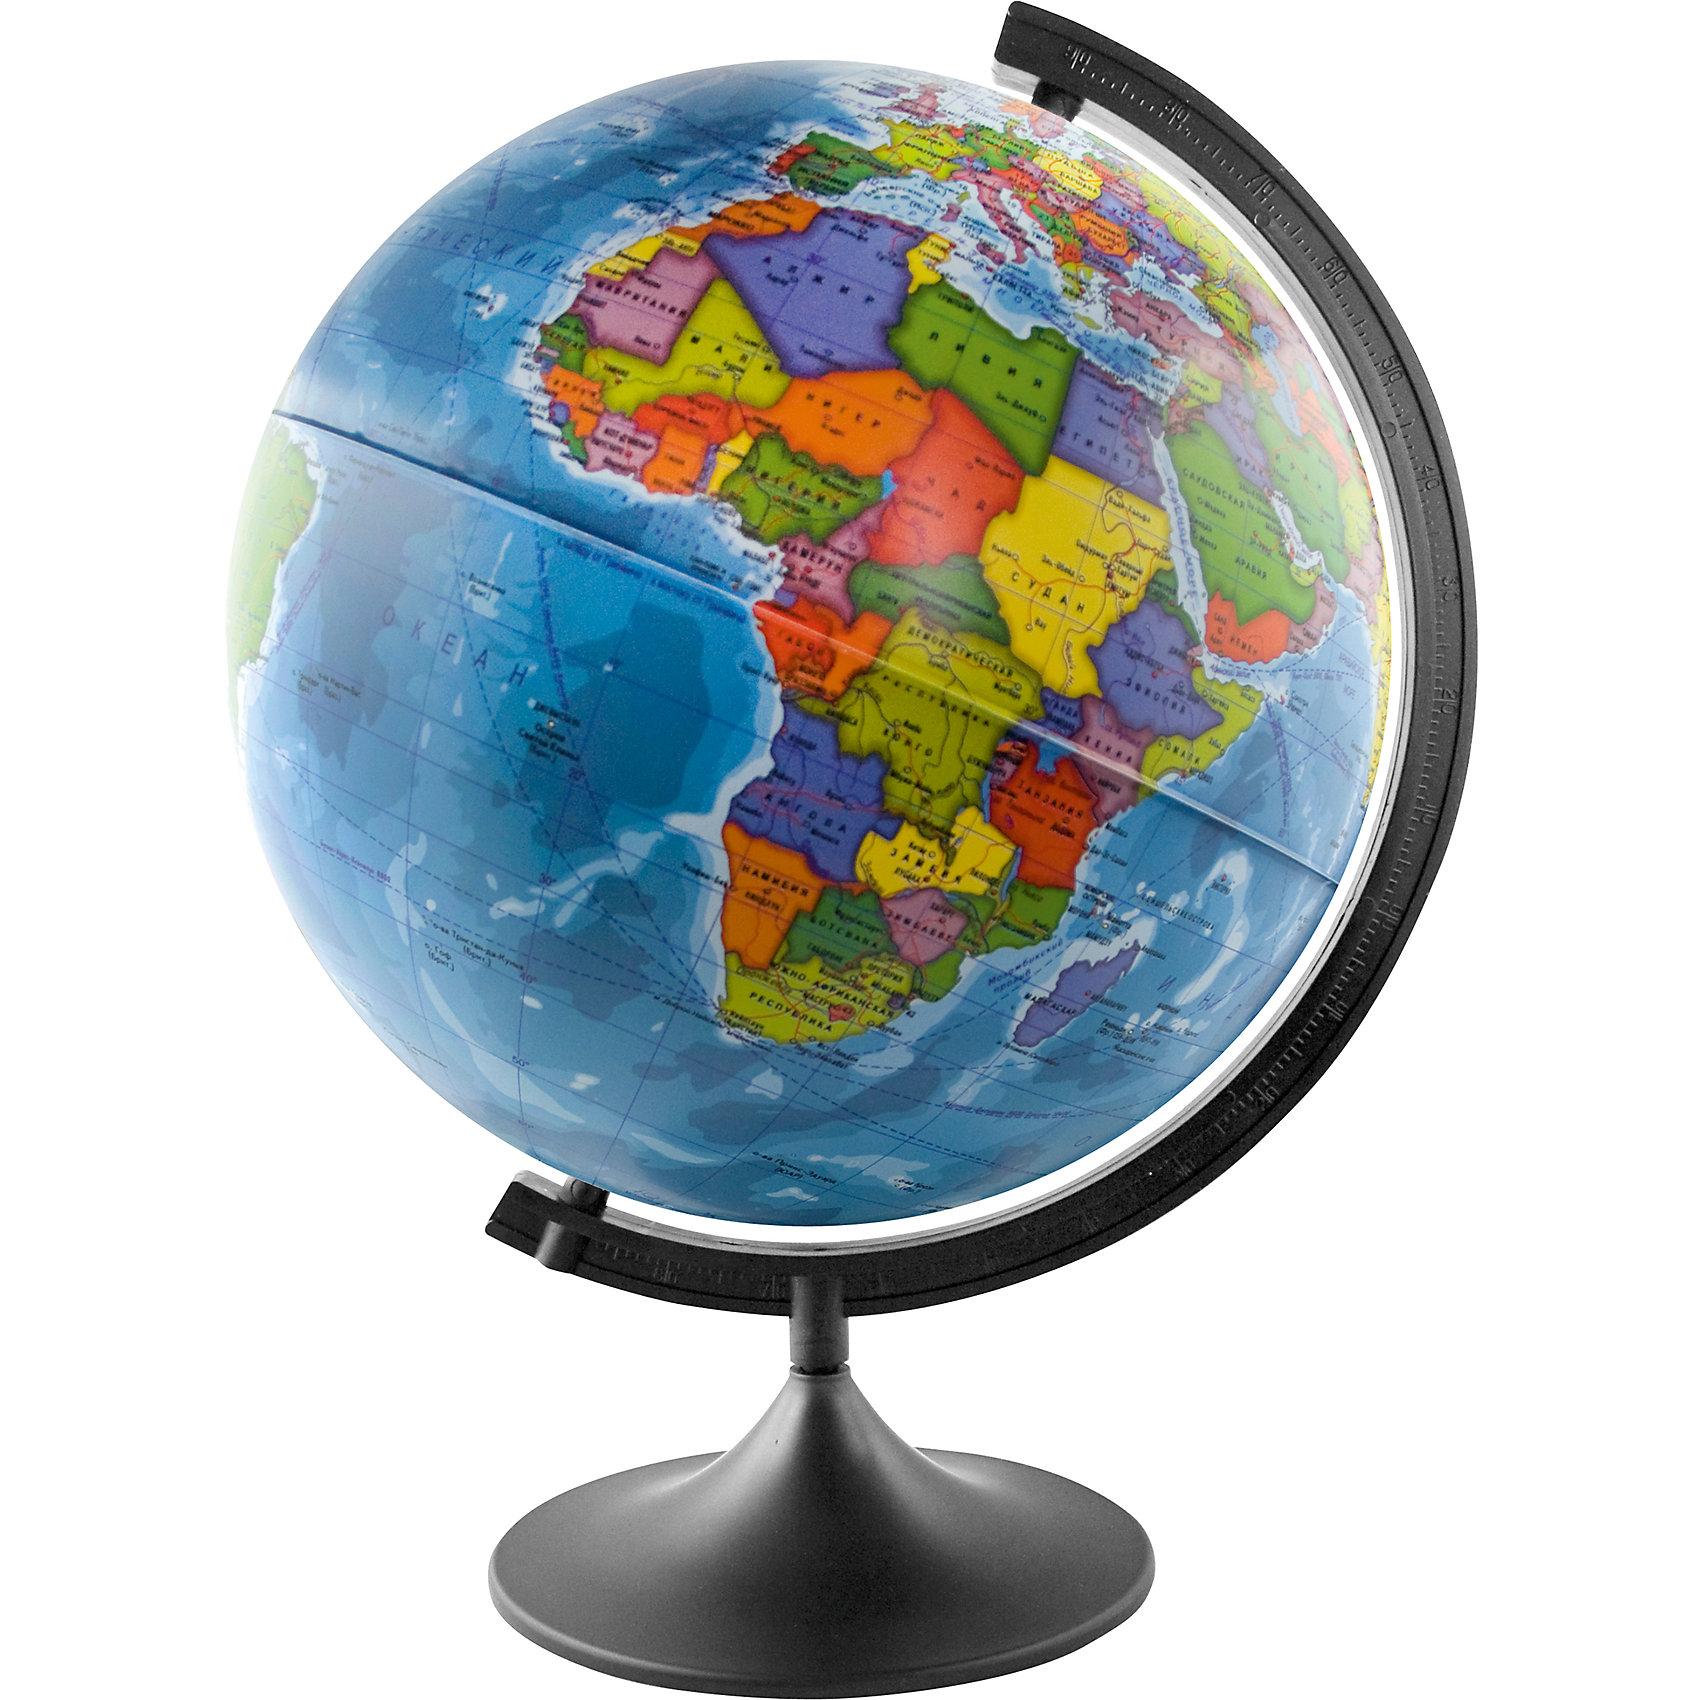 Глобус Земли политический, диаметр 400 ммПоследняя цена<br>Глобус Земли политический, д-р 400.<br><br>Характеристики:<br><br>• Для детей в возрасте: от 6 лет<br>• Диаметр: 40 см.<br>• Материал: пластик<br>• Цвет подставки и дуги: черный<br><br>Глобус Земли с современной политической картой мира (Крым в составе РФ) станет замечательным наглядным пособием для вашего ребенка. Политическая карта выполнена в ярких цветах. На карту нанесены страны, границы, столицы и крупные города, континенты, моря, океаны, реки и большие озера и другая полезная информация. Надписи выполнены на русском языке, четкие и легкочитаемые. Сфера глобуса изготовлена из прочного высококачественного пластика, поэтому она не расколется от случайного падения. Устойчивая подставка и дуга с градусными отметками выполнены из прочного высококачественного пластика черного цвета.<br><br>Глобус Земли политический, д-р 400 можно купить в нашем интернет-магазине.<br><br>Ширина мм: 420<br>Глубина мм: 400<br>Высота мм: 400<br>Вес г: 900<br>Возраст от месяцев: 72<br>Возраст до месяцев: 2147483647<br>Пол: Унисекс<br>Возраст: Детский<br>SKU: 5504477